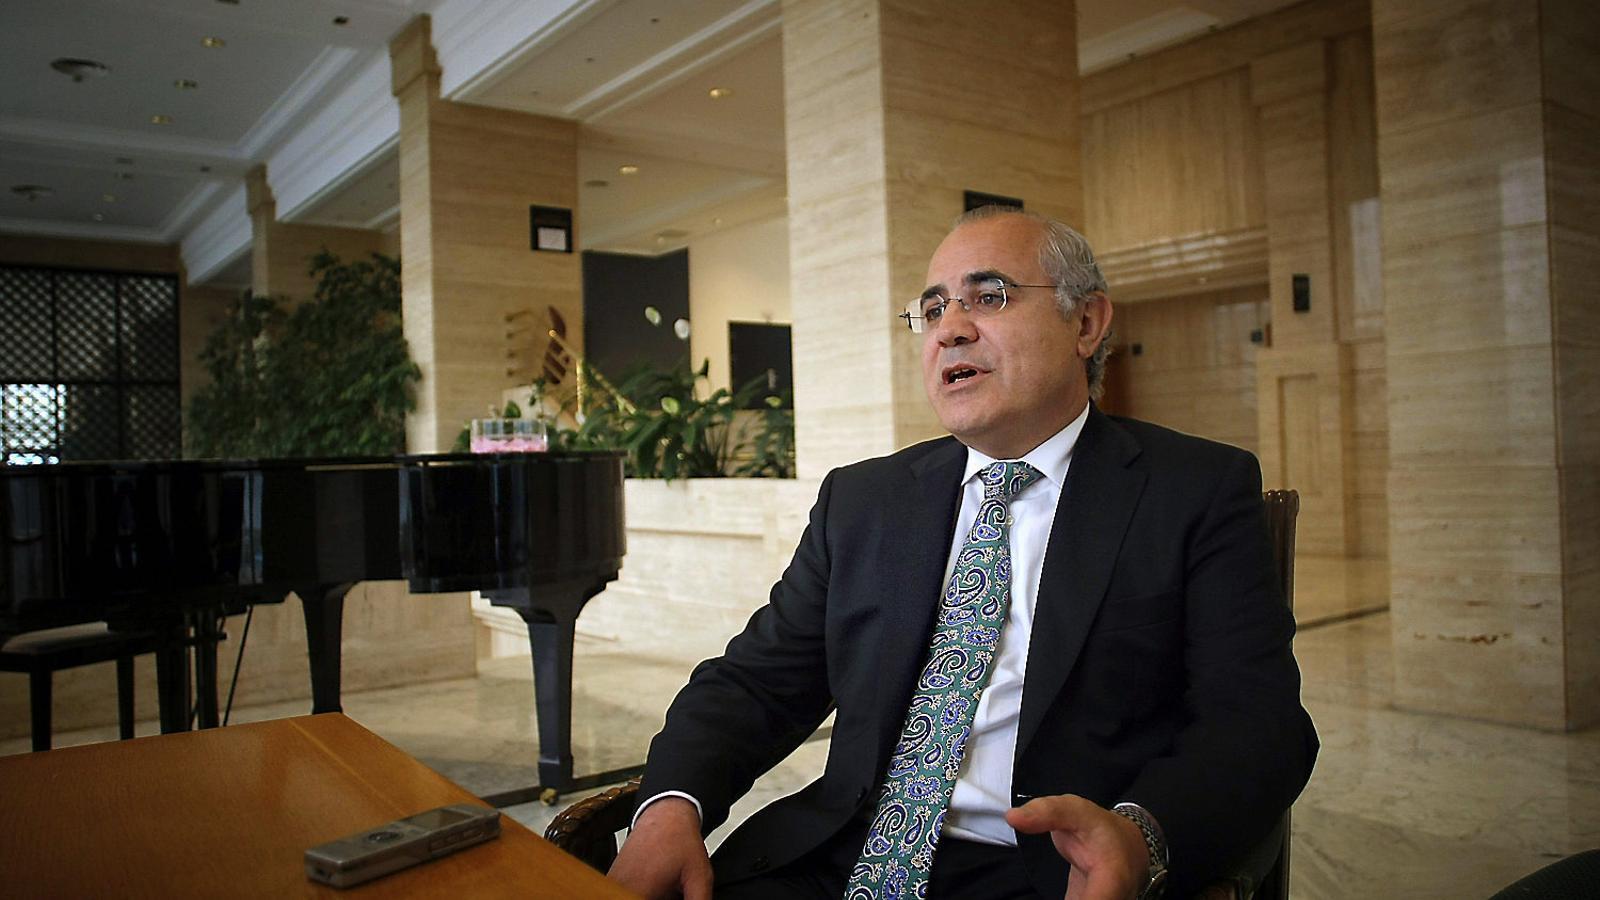 El magistrat Pablo Llarena, en una imatge d'arxiu. L'endemà de les eleccions, el 22 de desembre, va anunciar noves imputacions que poden afectar les negociacions de Junts per Catalunya, ERC i la CUP sobre un pacte de govern.